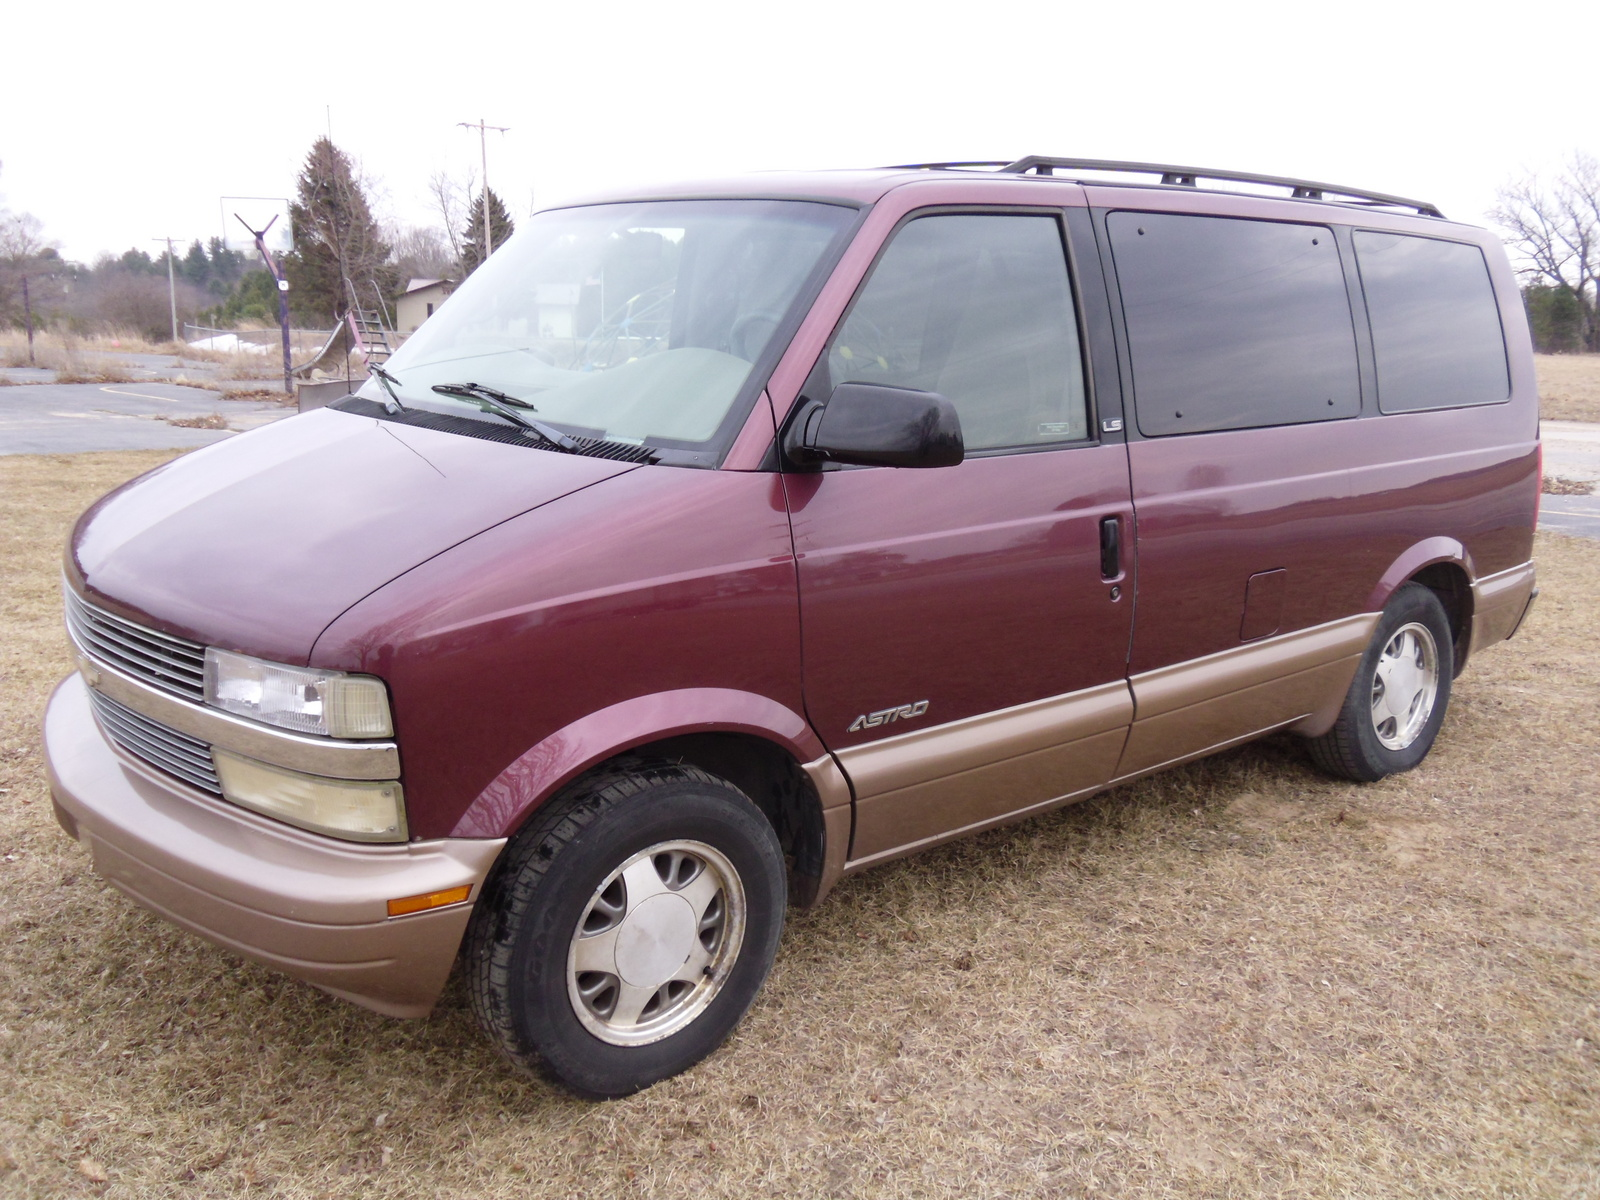 1990 Chevy Astro Van